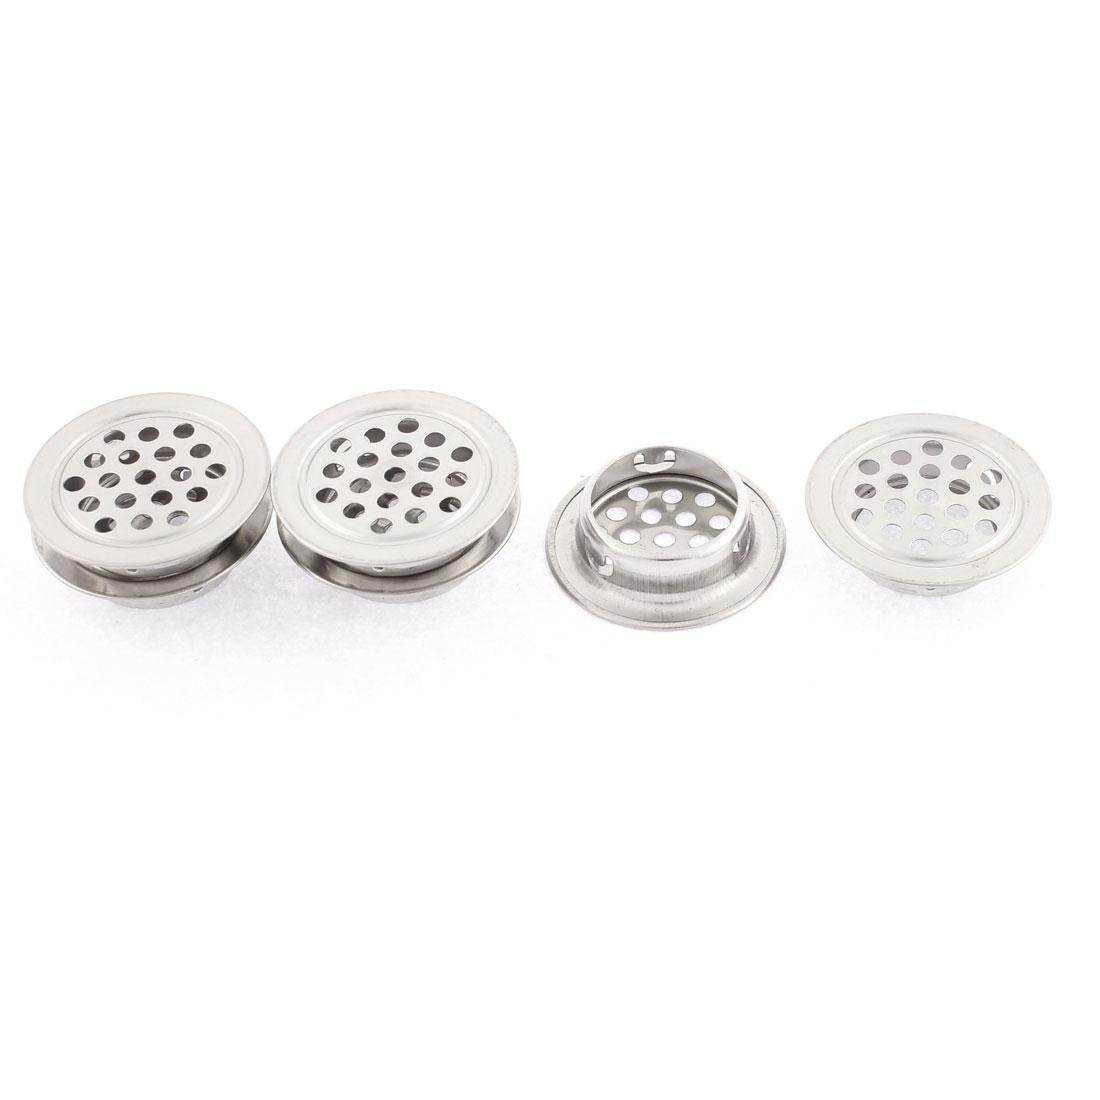 Kitchen Cabinet Round Design Mesh Hole Air Vents Louvers 35mm Dia 6pcs